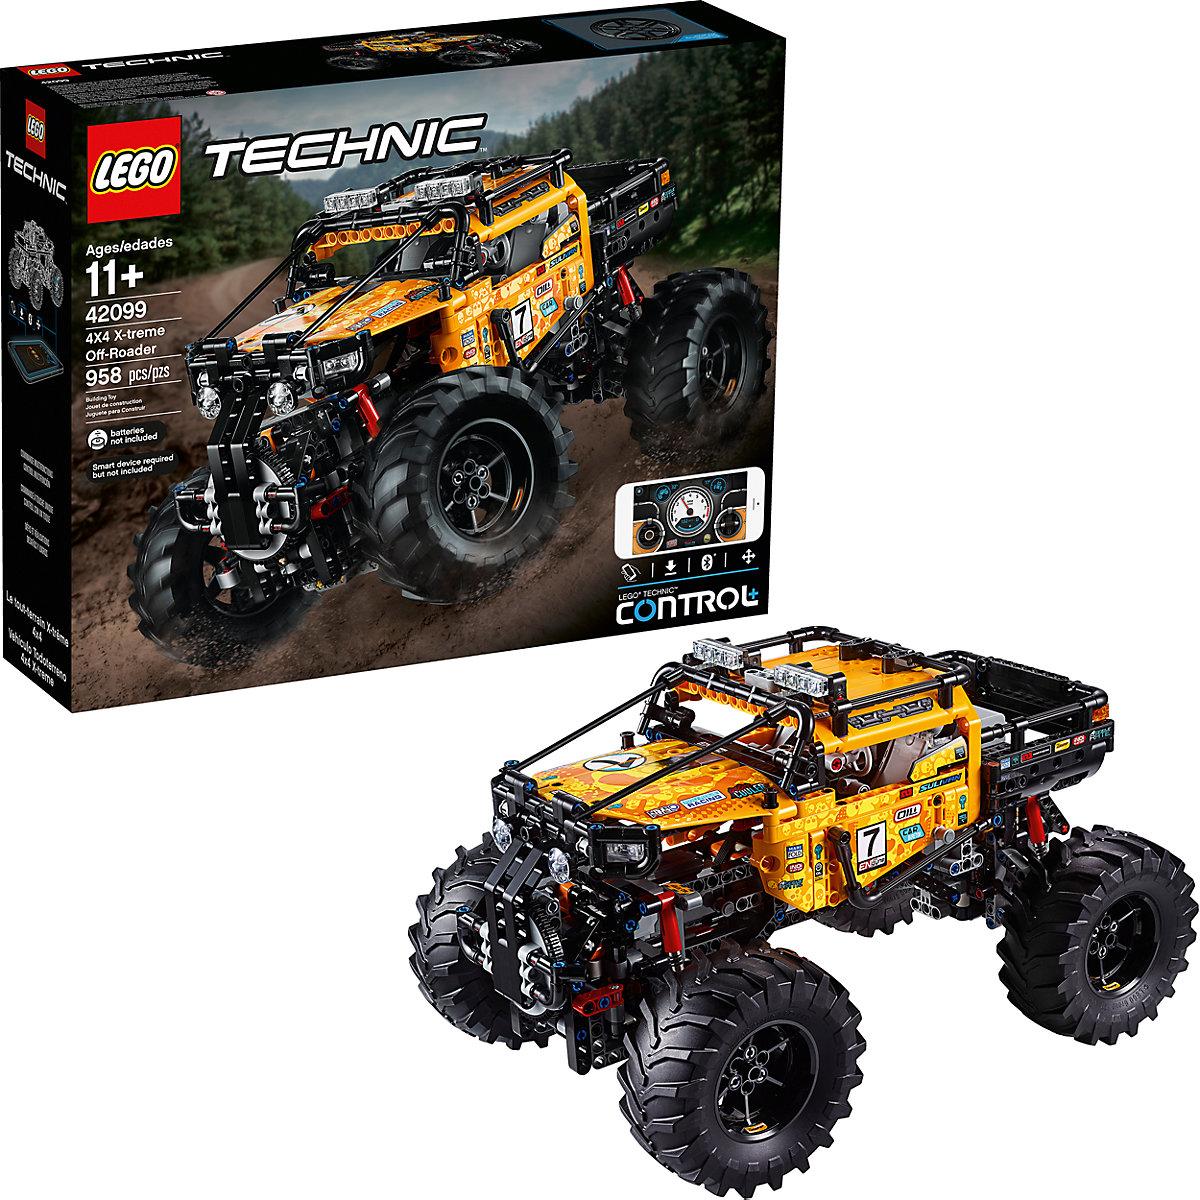 Jeu de construction Lego - Technic Le tout-terrain X-trême (42099)